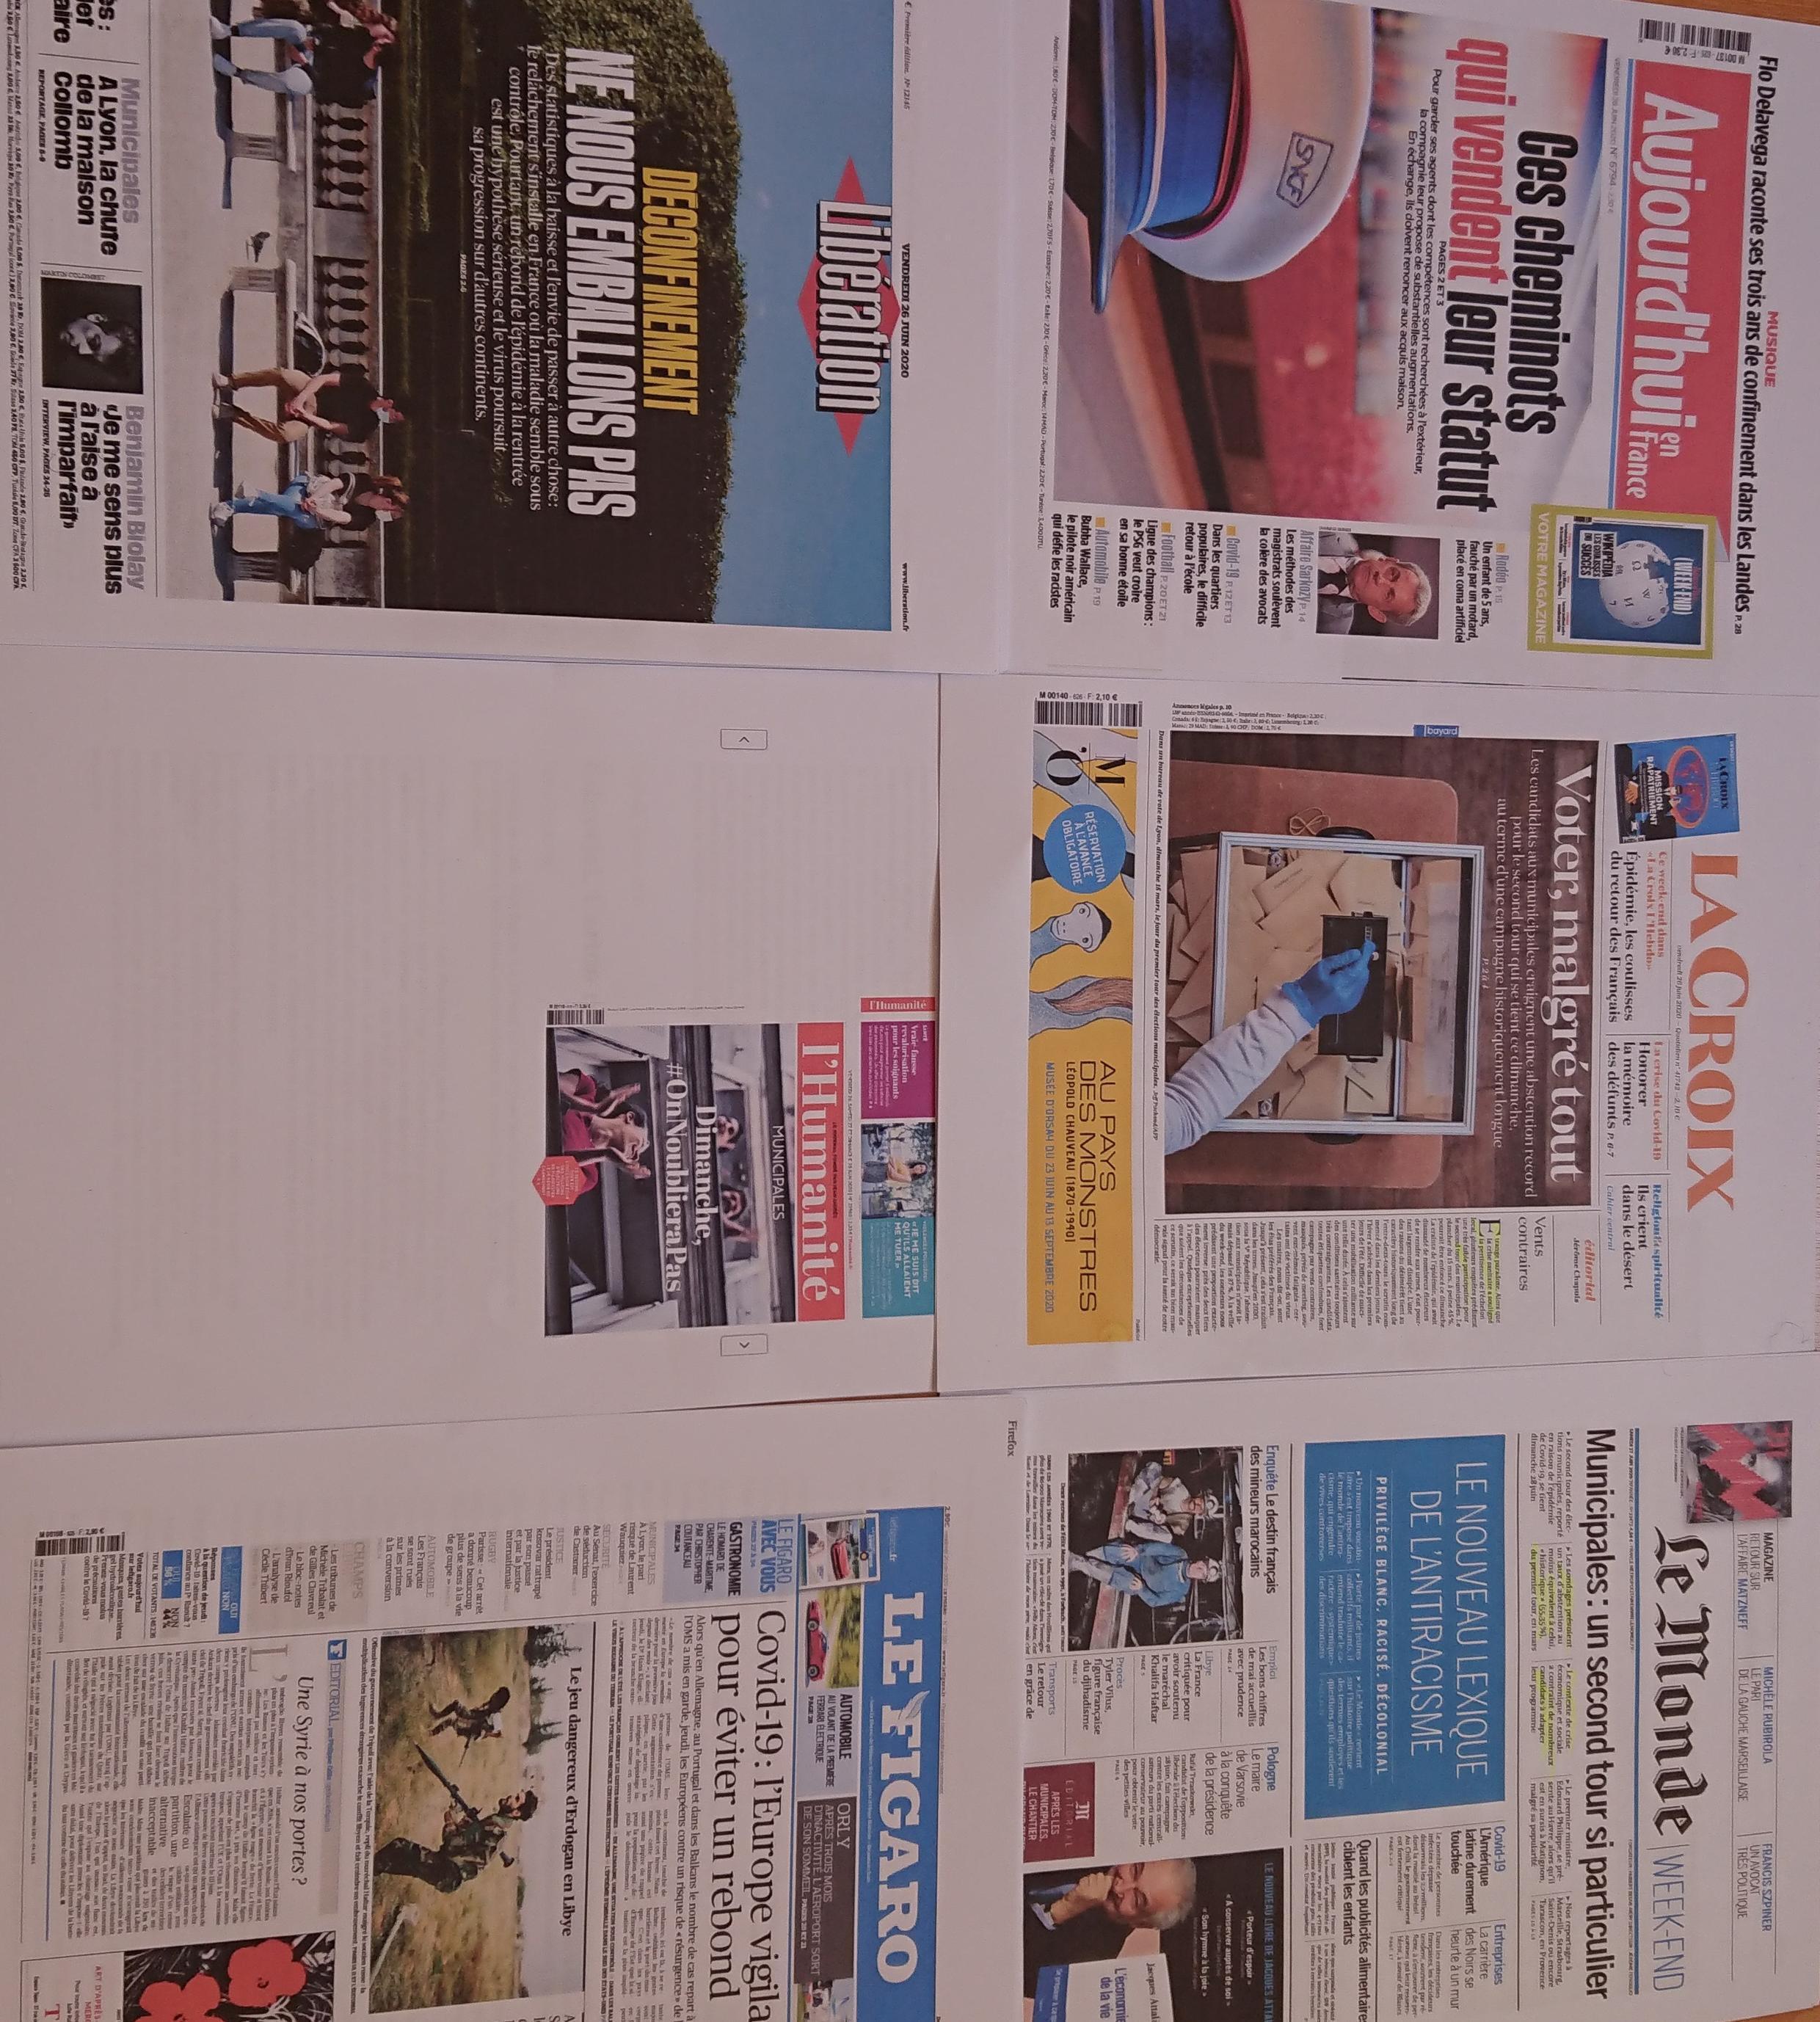 Primeiras páginas  de  diários  franceses 26 06 2020